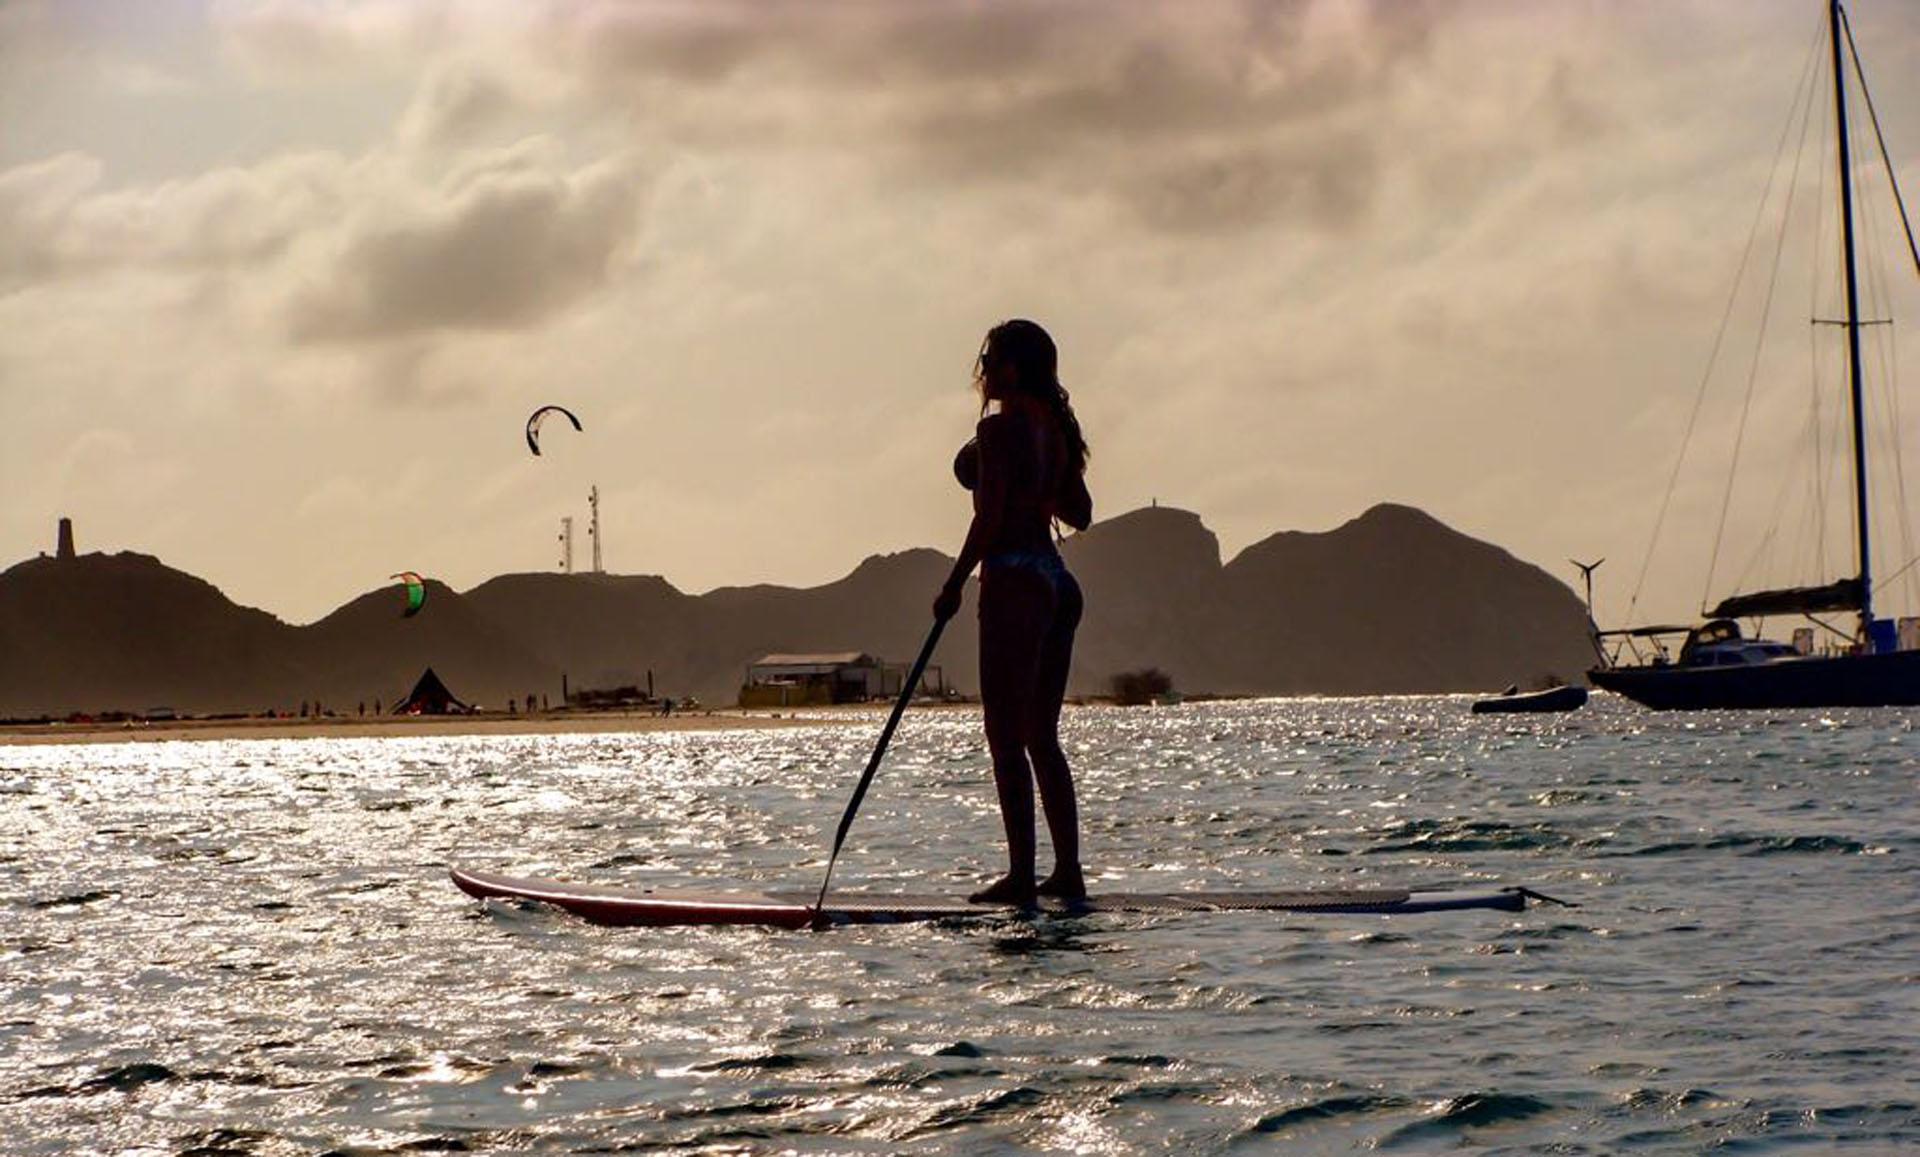 Como se puede ver en las fotos, Guadalupe es amante de los deportes acuáticos